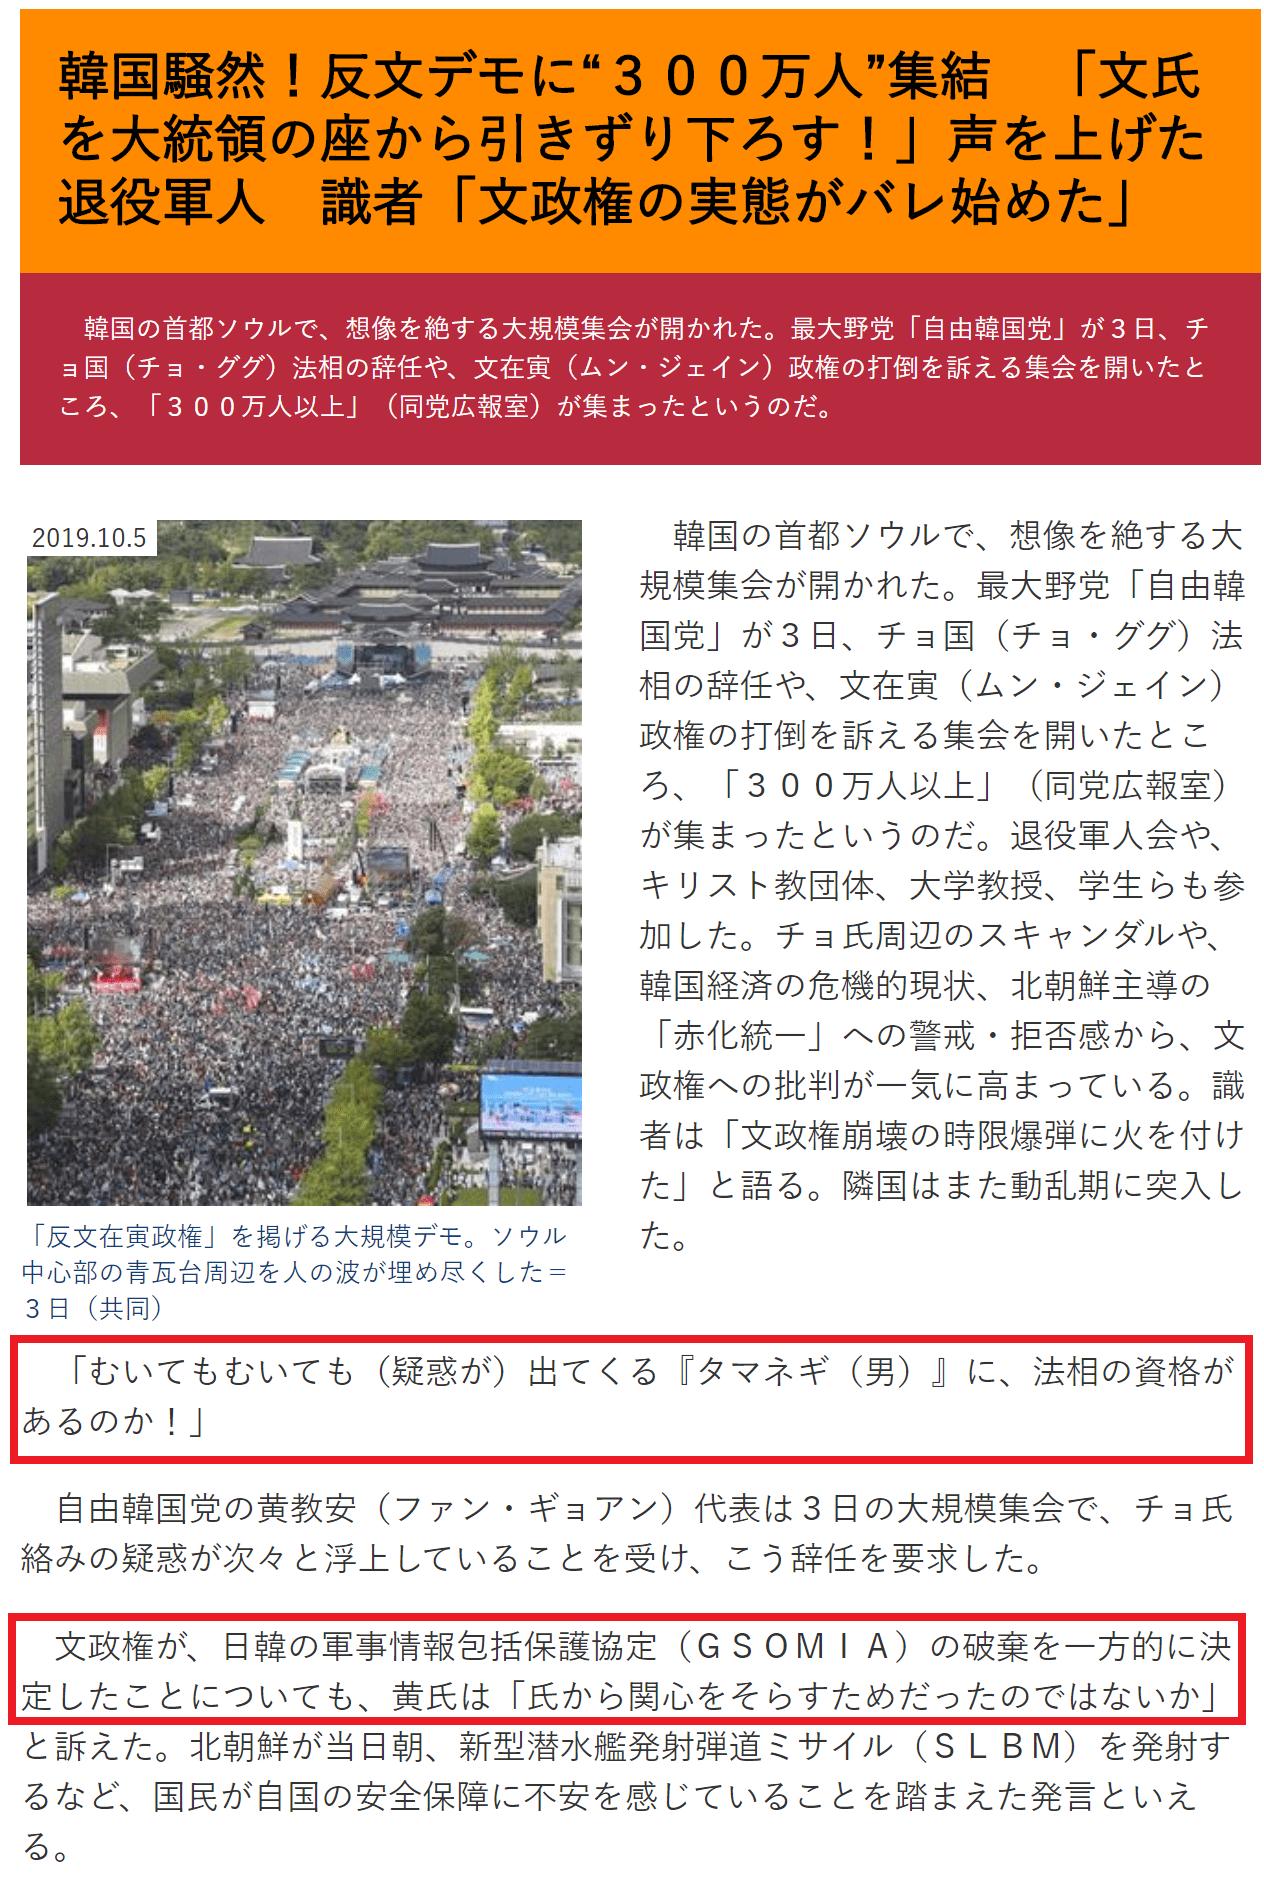 下朝鮮で100万人規模(?)で反ブンザイ寅デモが1 (1)